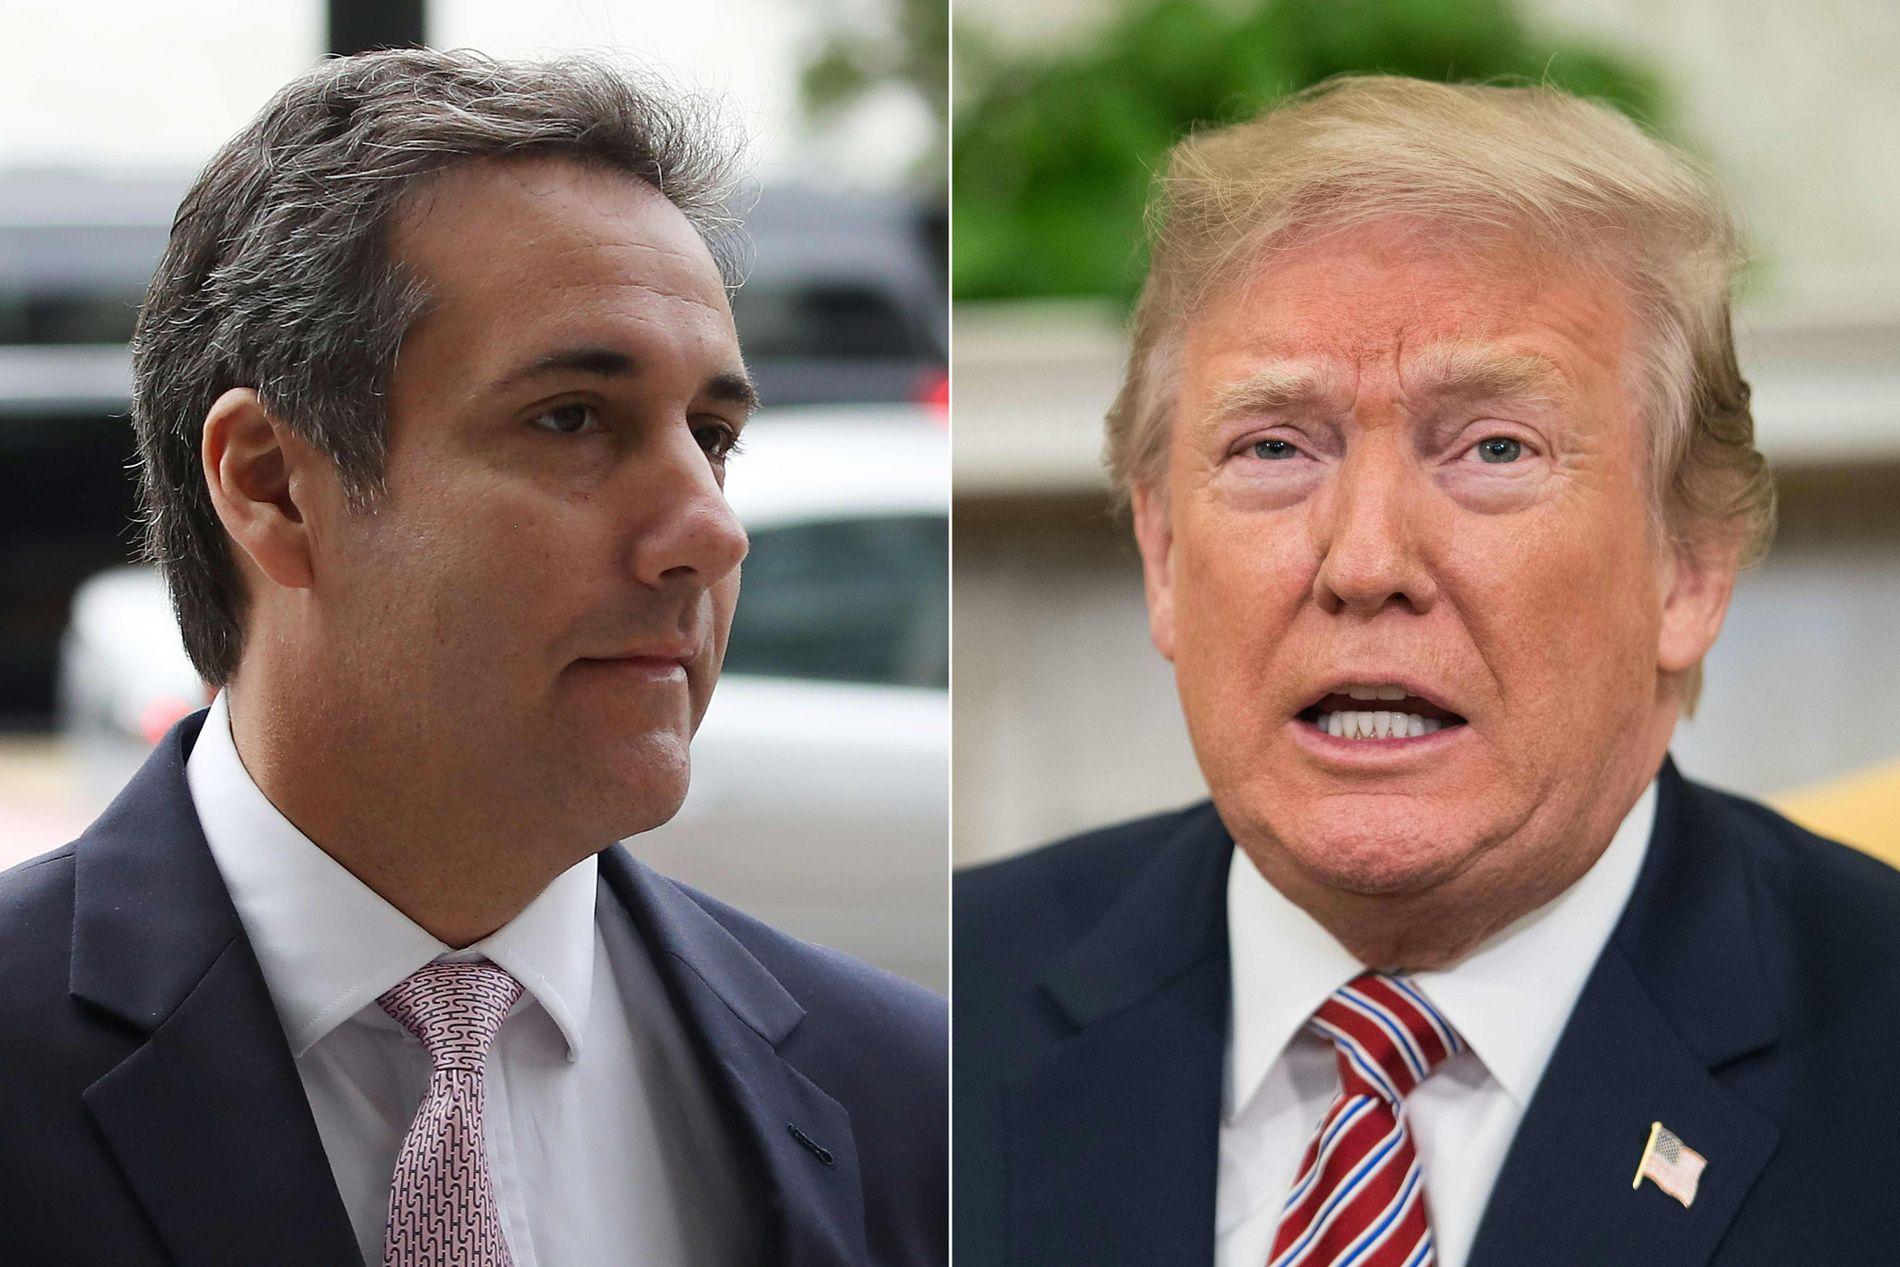 ERKLÆRTE SEG SKYLDIG: Michael Cohen har i lang tid vært under etterforskning, blant annet for pengeutbetalinger på vegne av Trump. Tirsdag erklærte han seg skyldig i svindel.